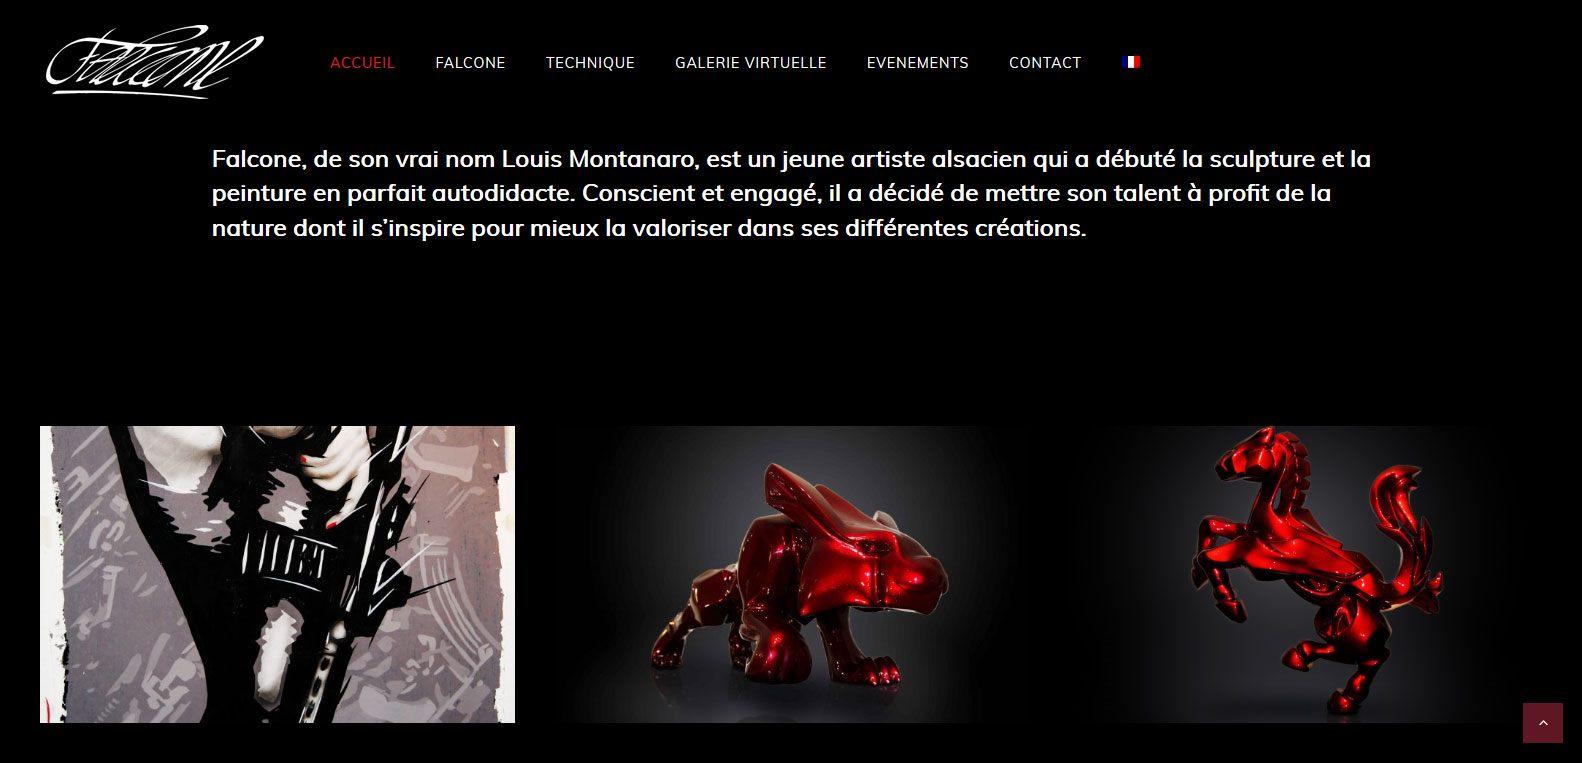 Falcone, ou louis montanaro - présentation de l'artiste - client Karedess - agence web dans le haut rhin - Mulhouse